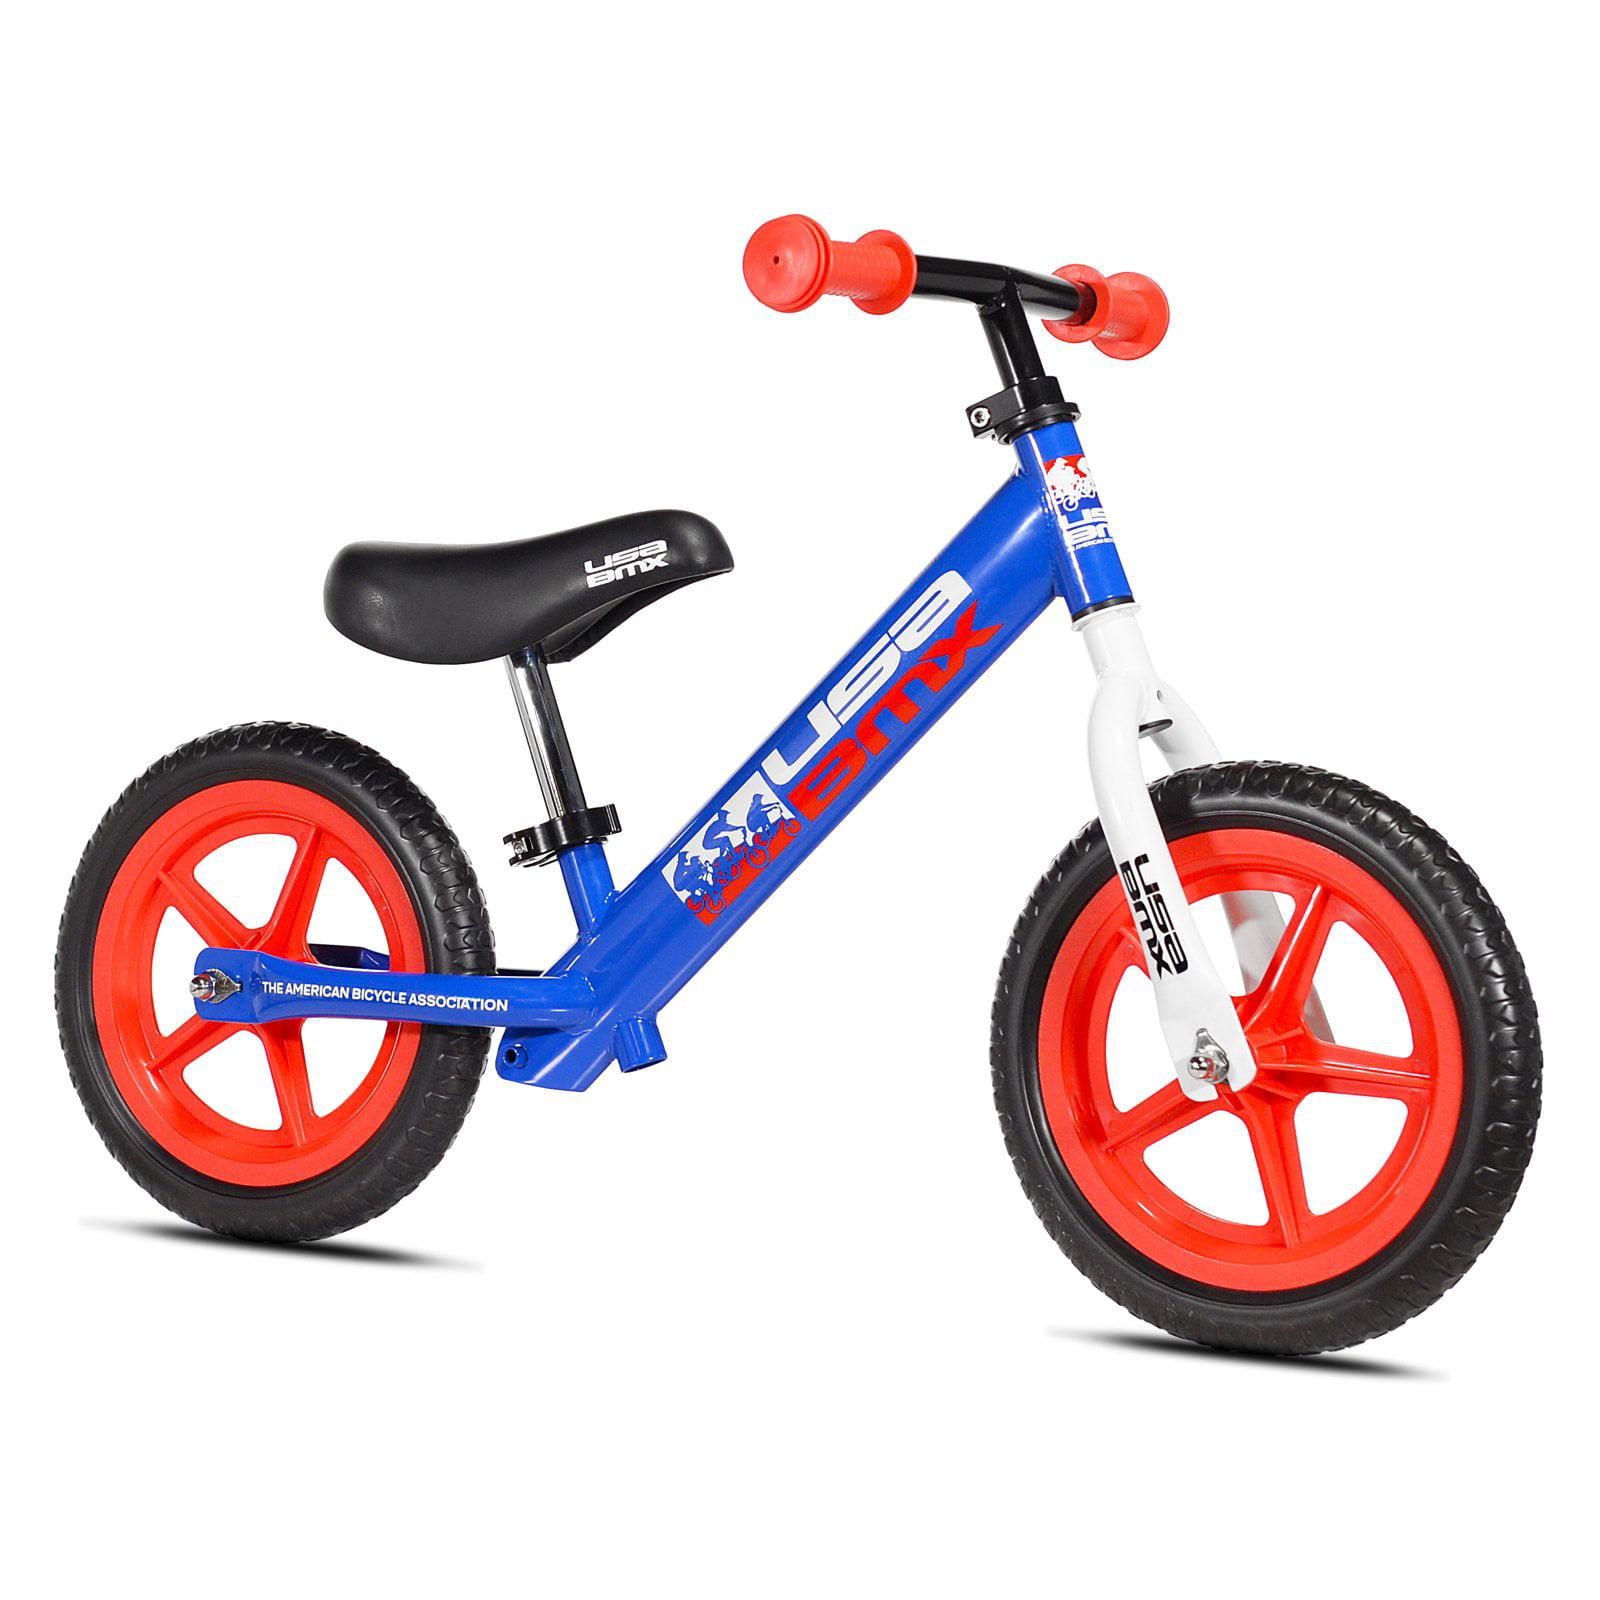 USA BMX 12 in. Balance Bike